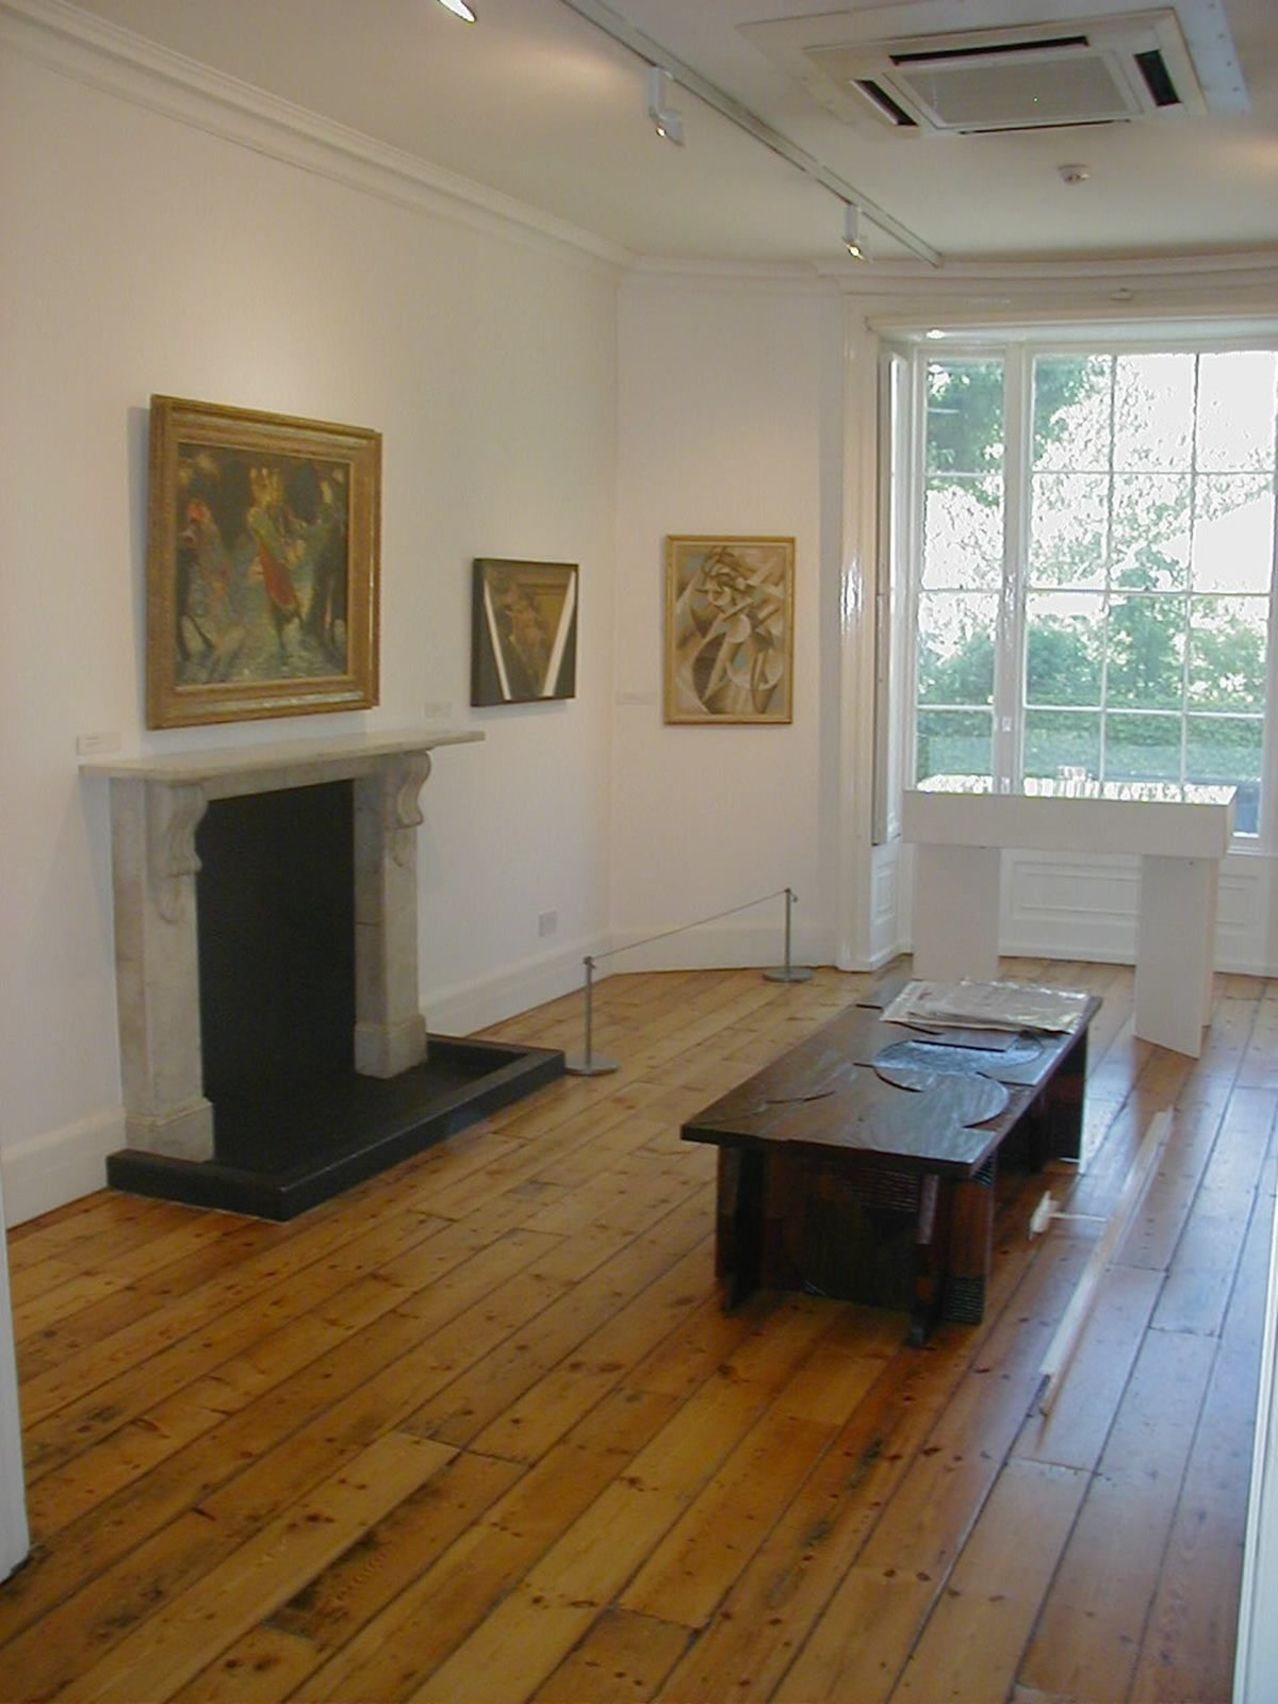 Gallery 3, Estorick Collection